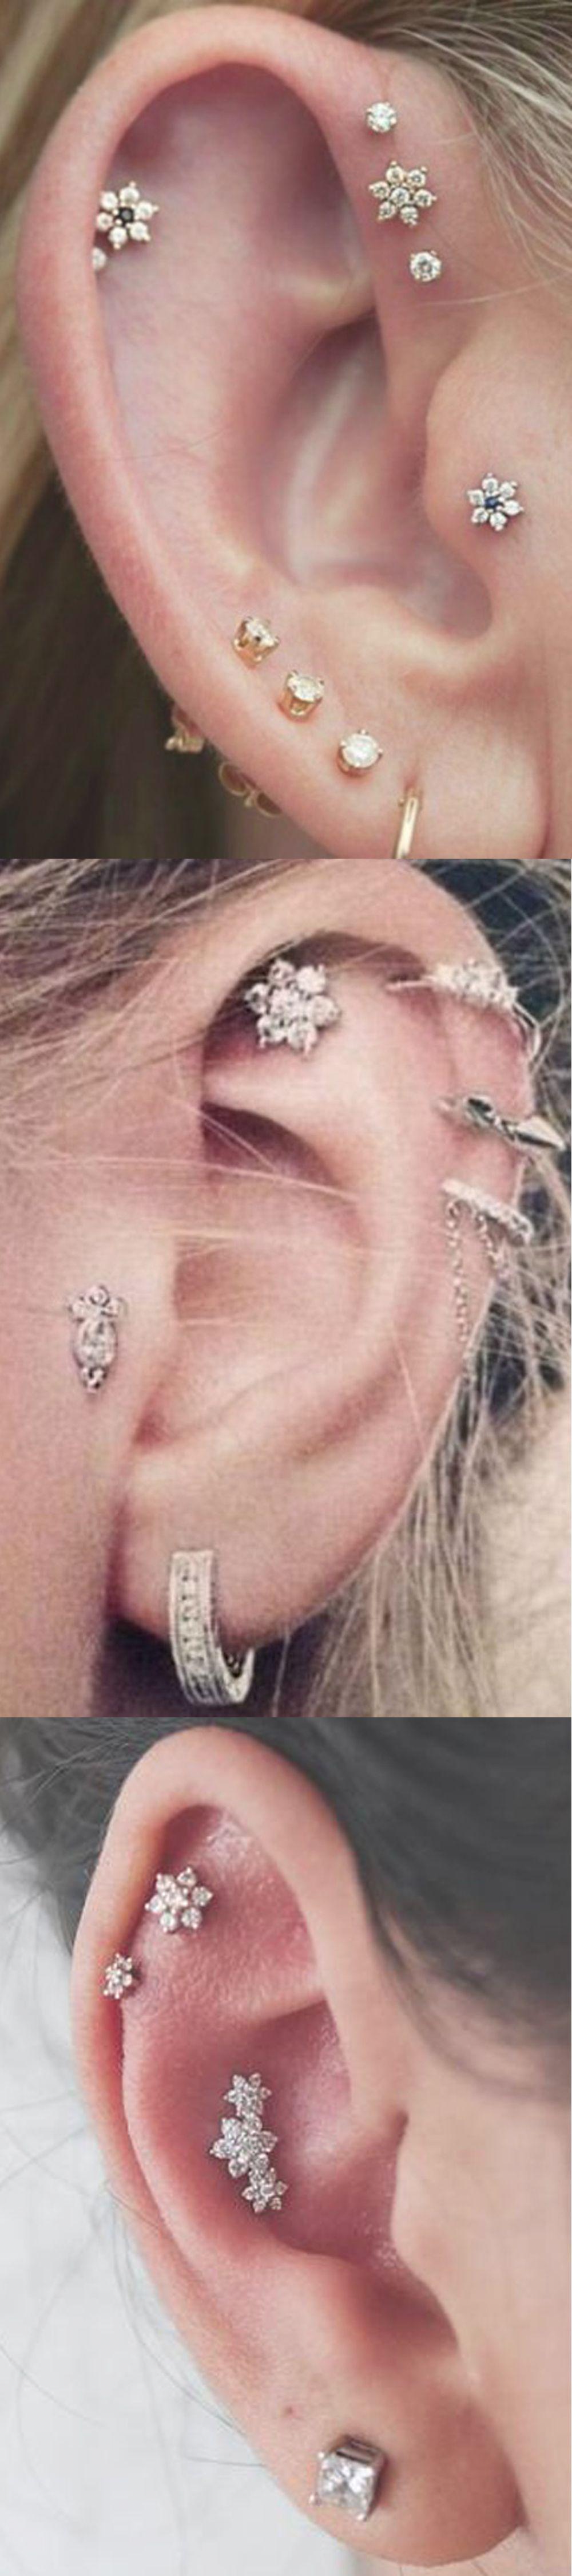 Piercing from nose to ear  Felicity Crystal Flower G Ear Piercing Stud Earring  Body art